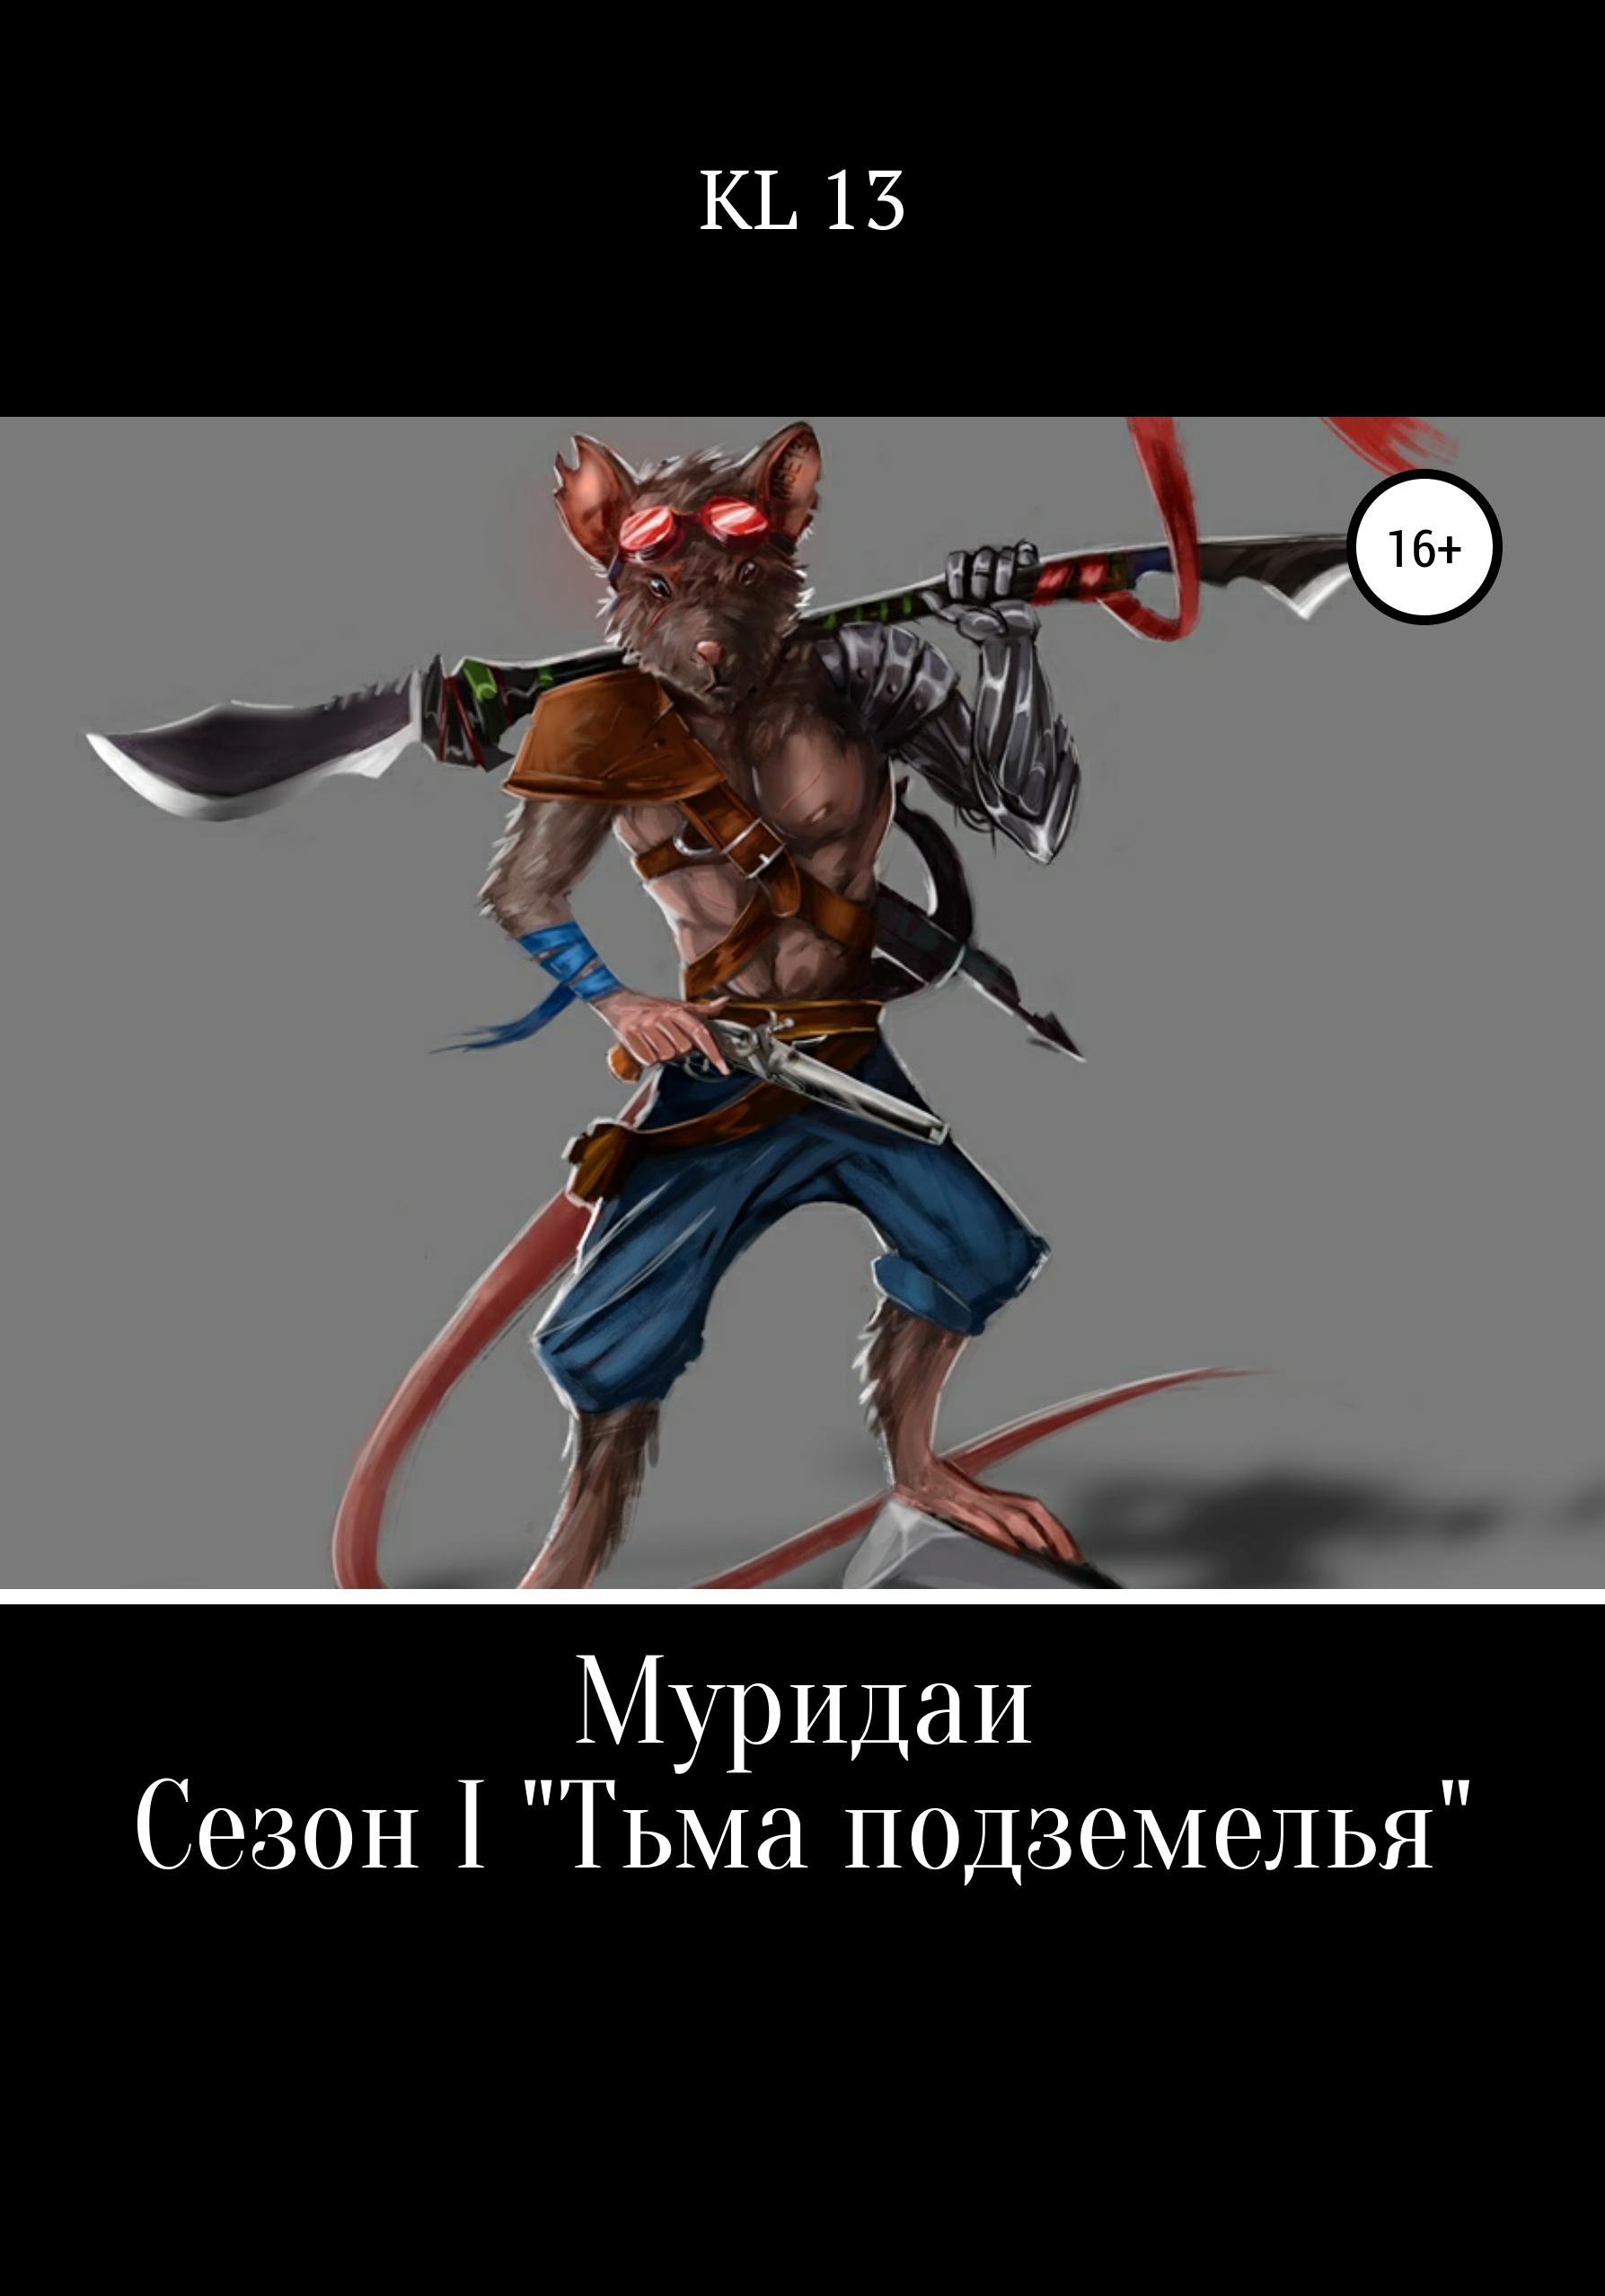 KL 13 - ЛитСериал: Муридаи. Сезон I. Тьма подземелья